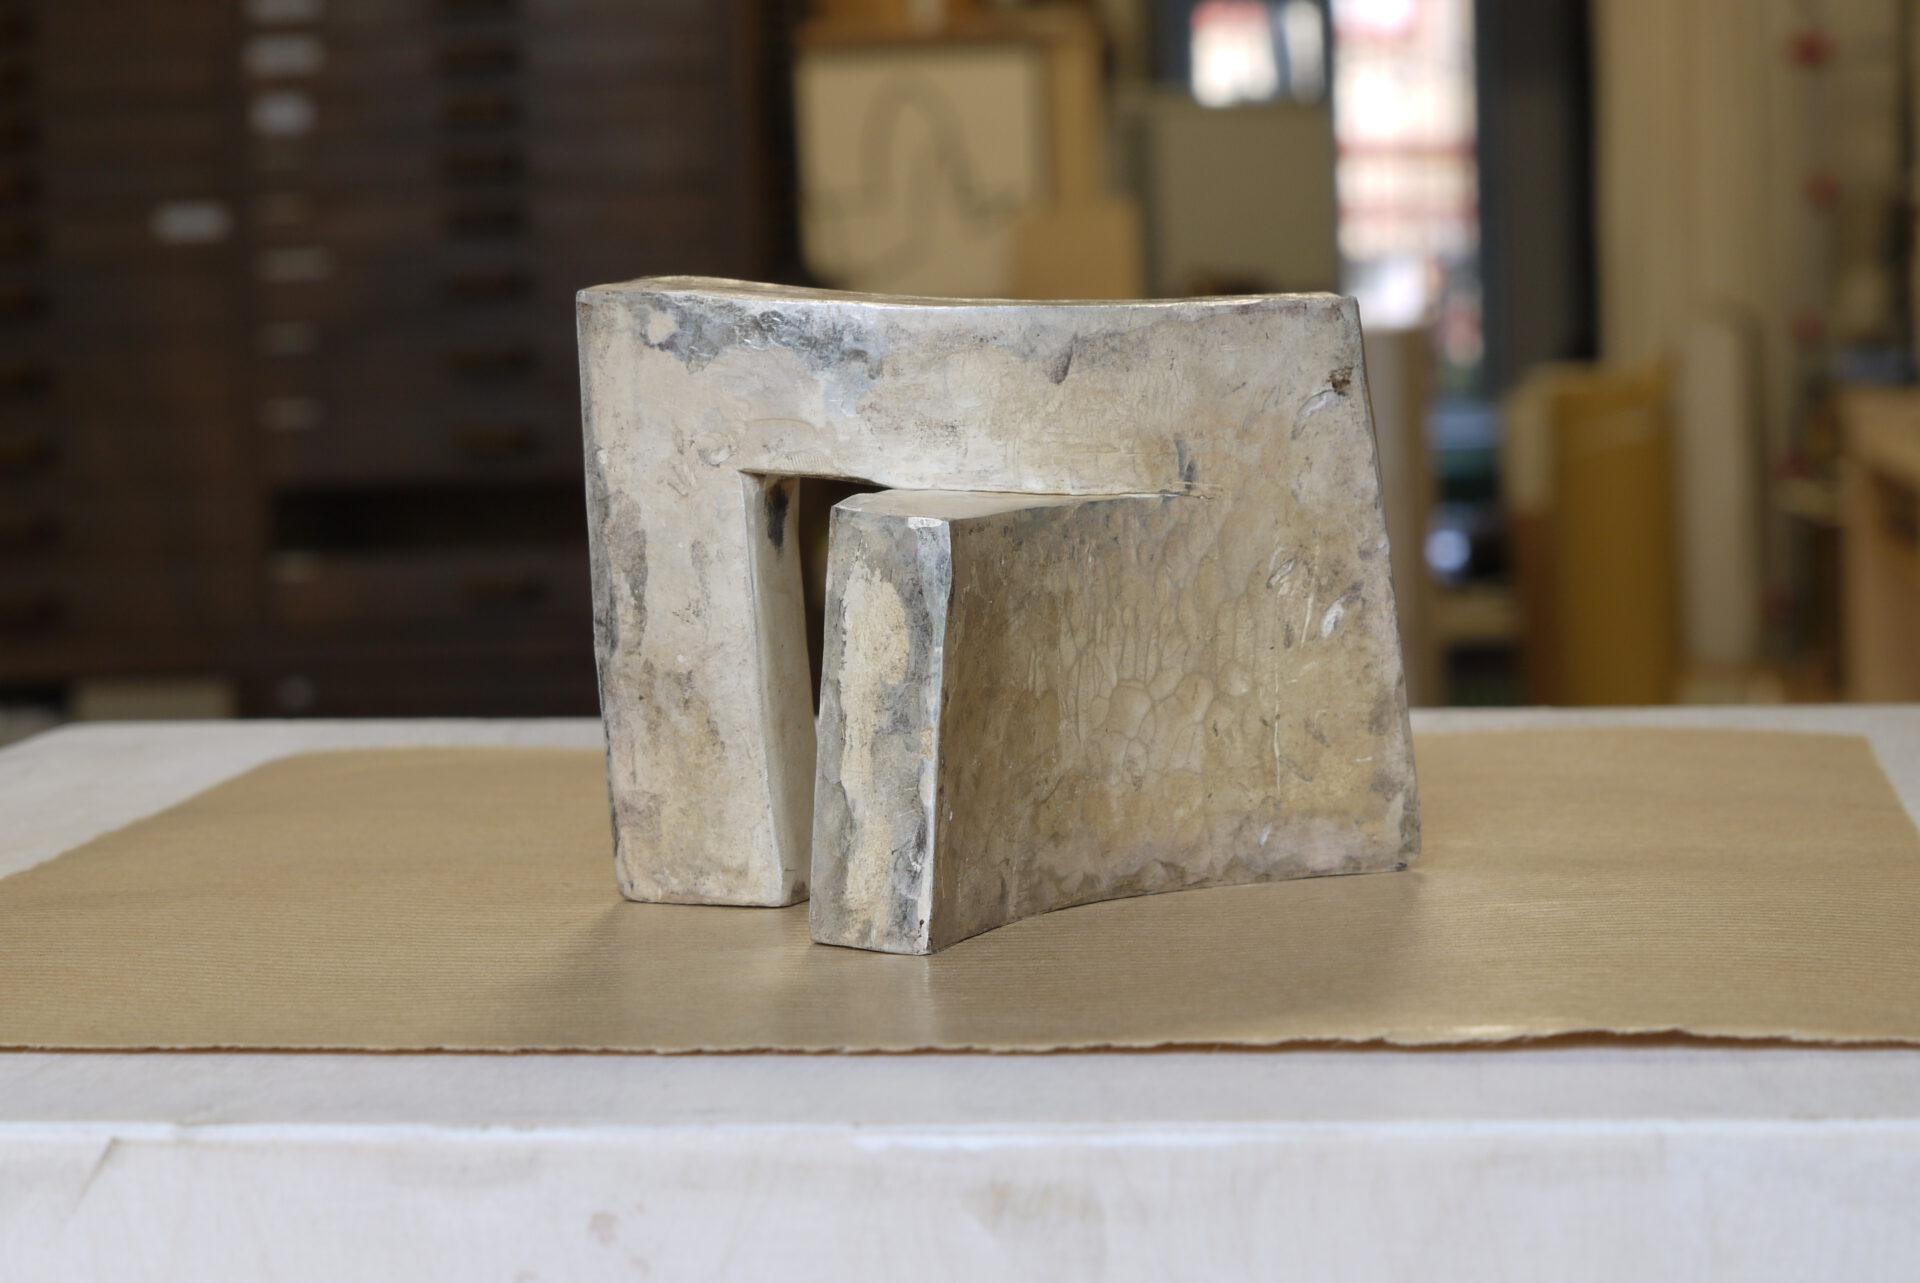 Während des Lockdowns im 2021 musste ich wieder Skulpturen schmieden, nur diesmal in der Stadtatelier, diesmal in kleinere Dimensionen und in Silber. Lockdown Skulpturen Serie, Silber. 100x70x60x15-20 Millimeter.